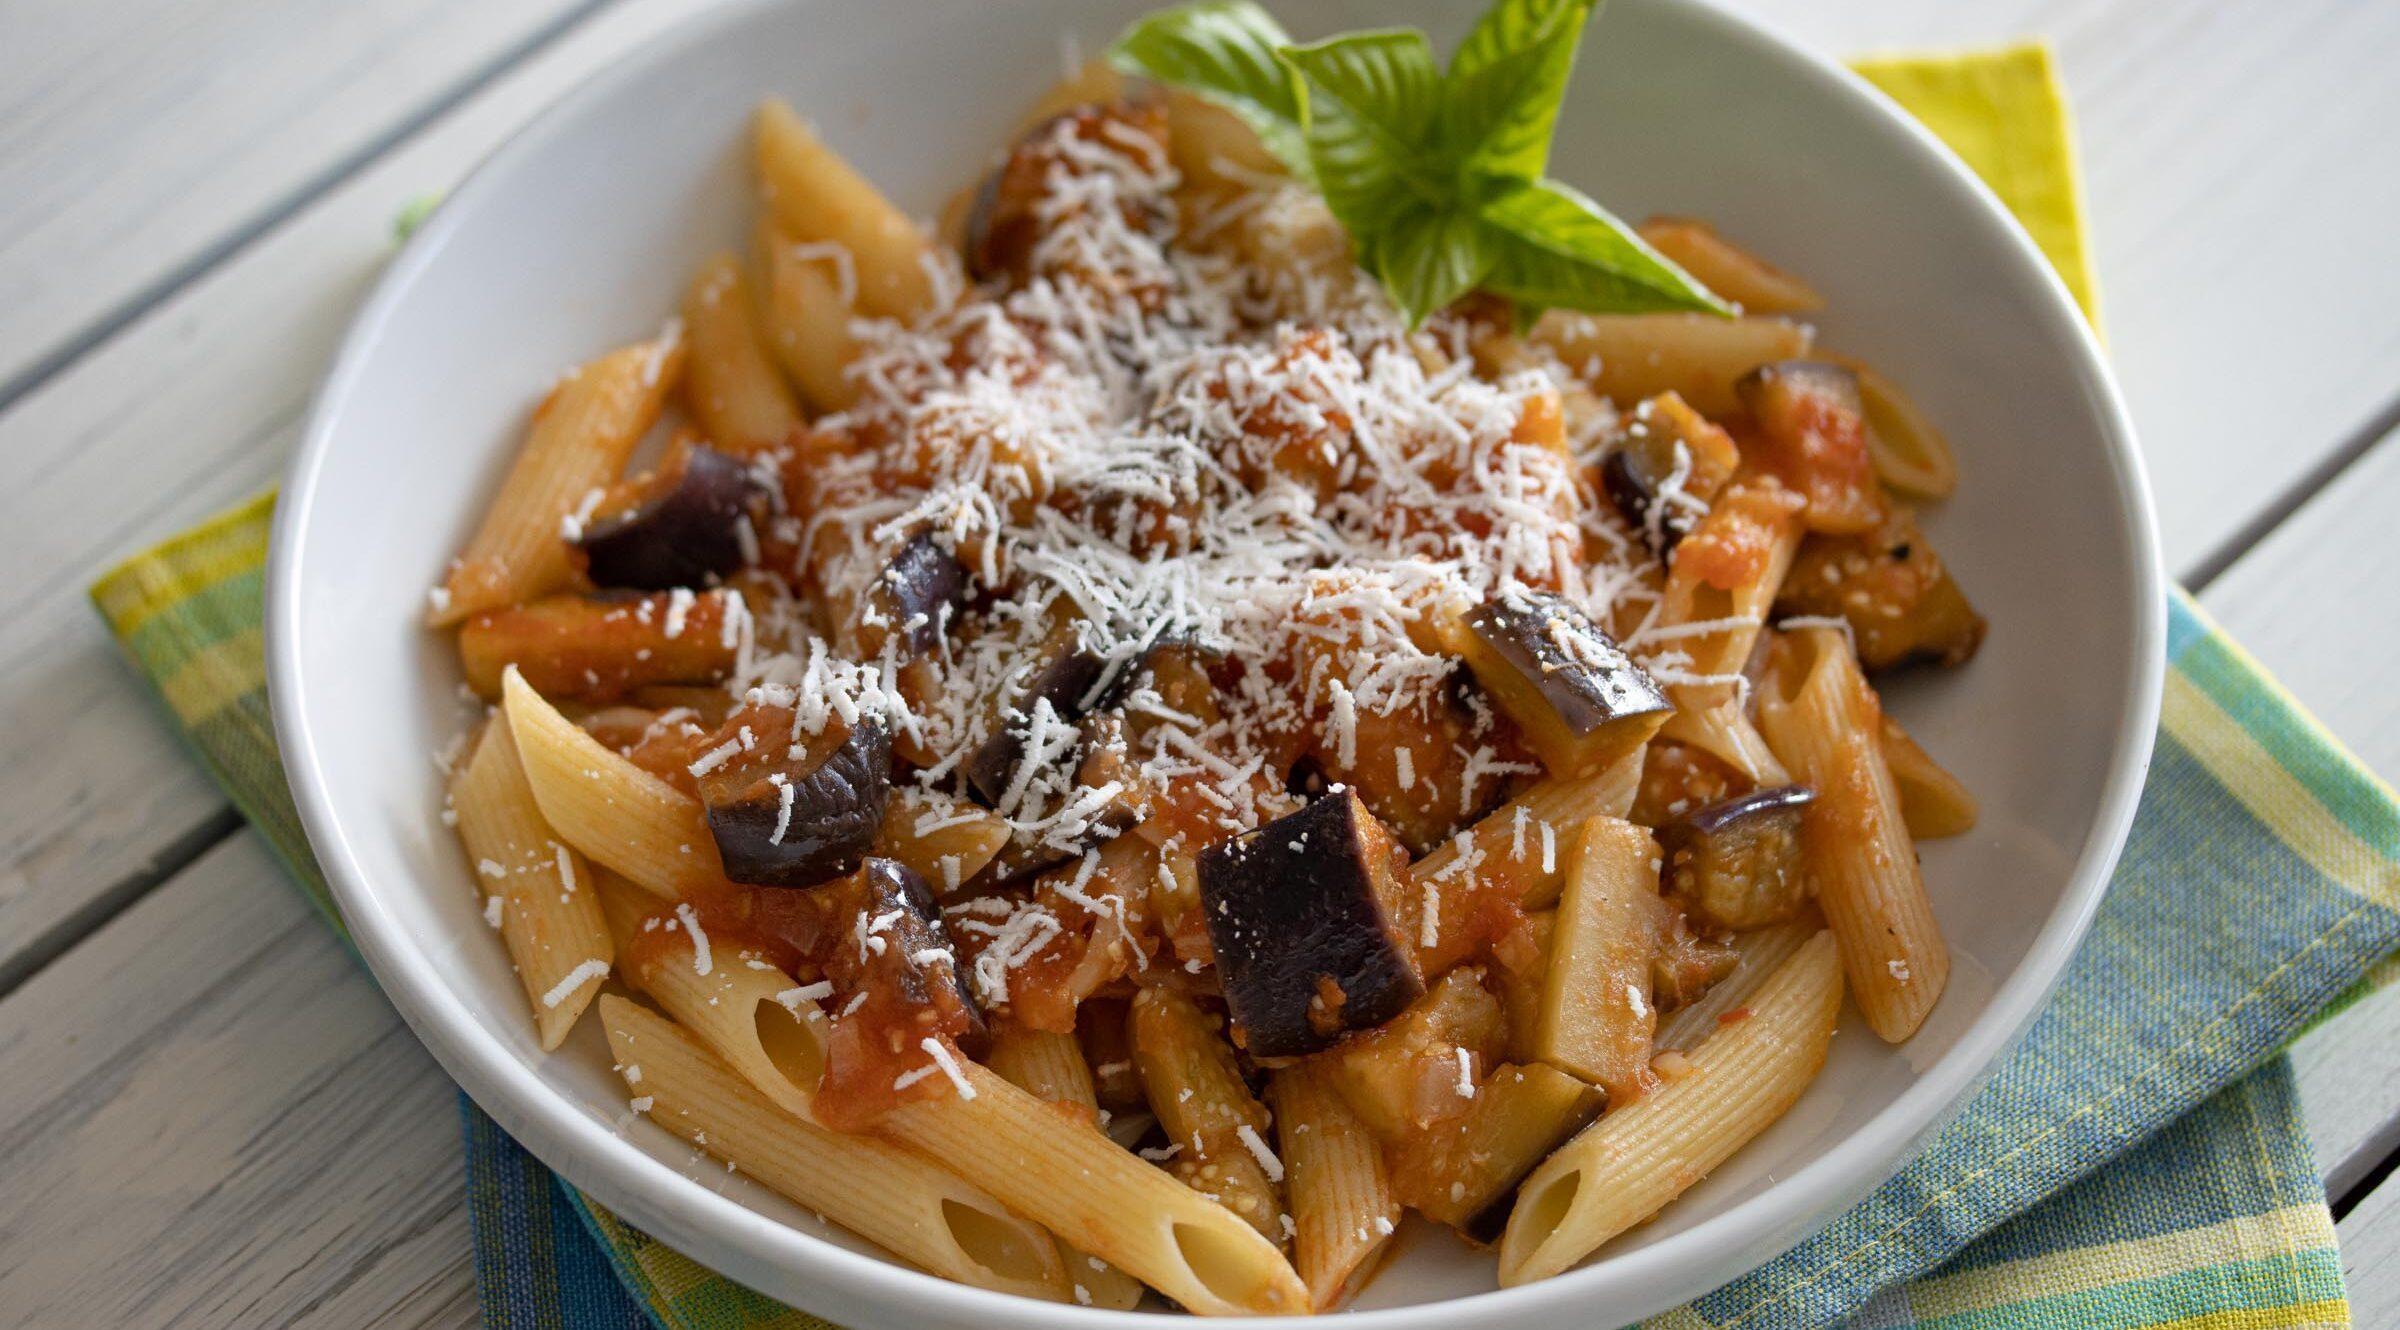 eggplant, pasta and ricotta salata